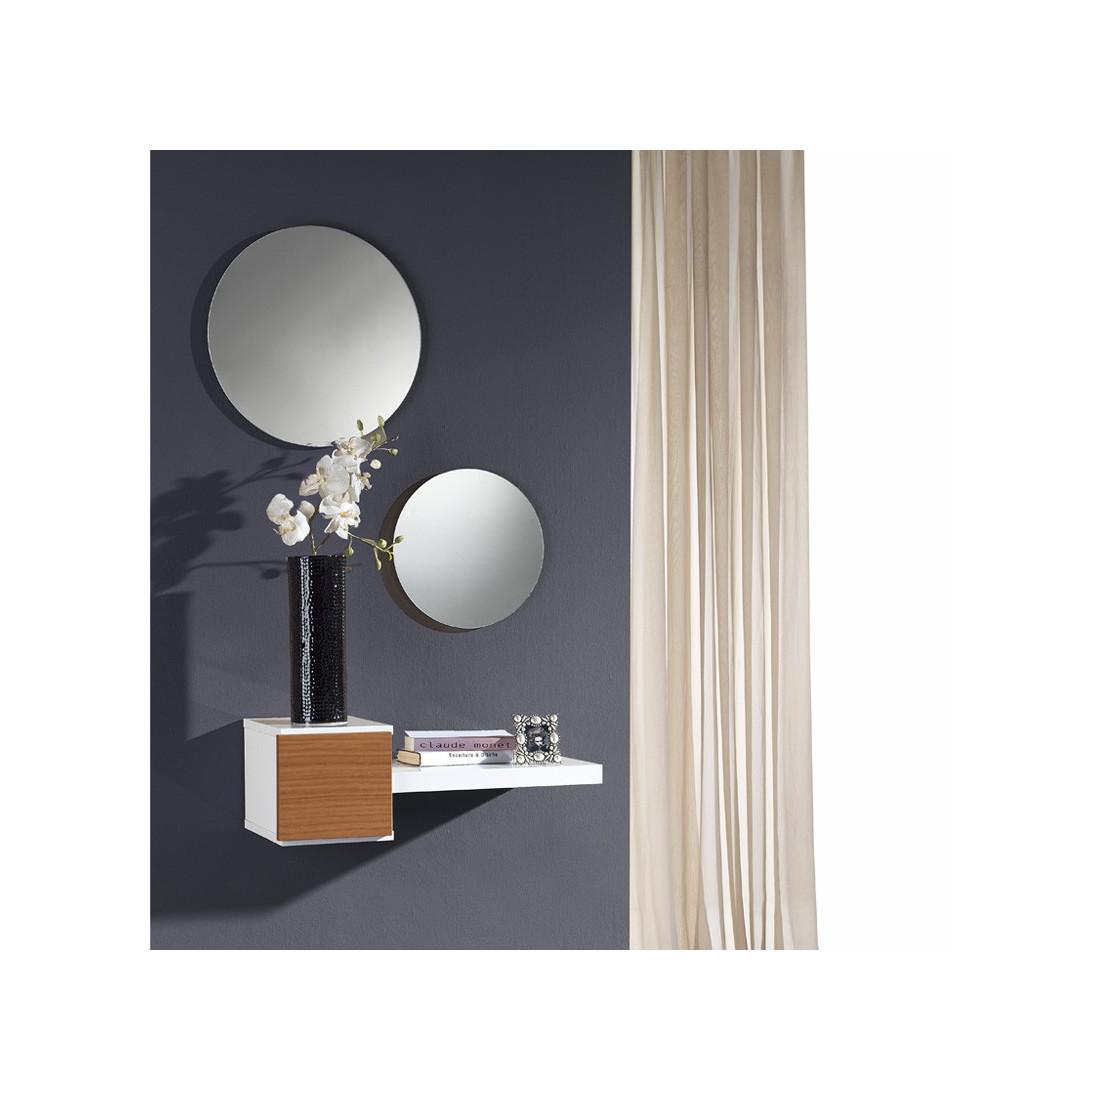 Meuble d 39 entr e noyer miroir tiga univers petits meubles - Meuble d entree miroir ...